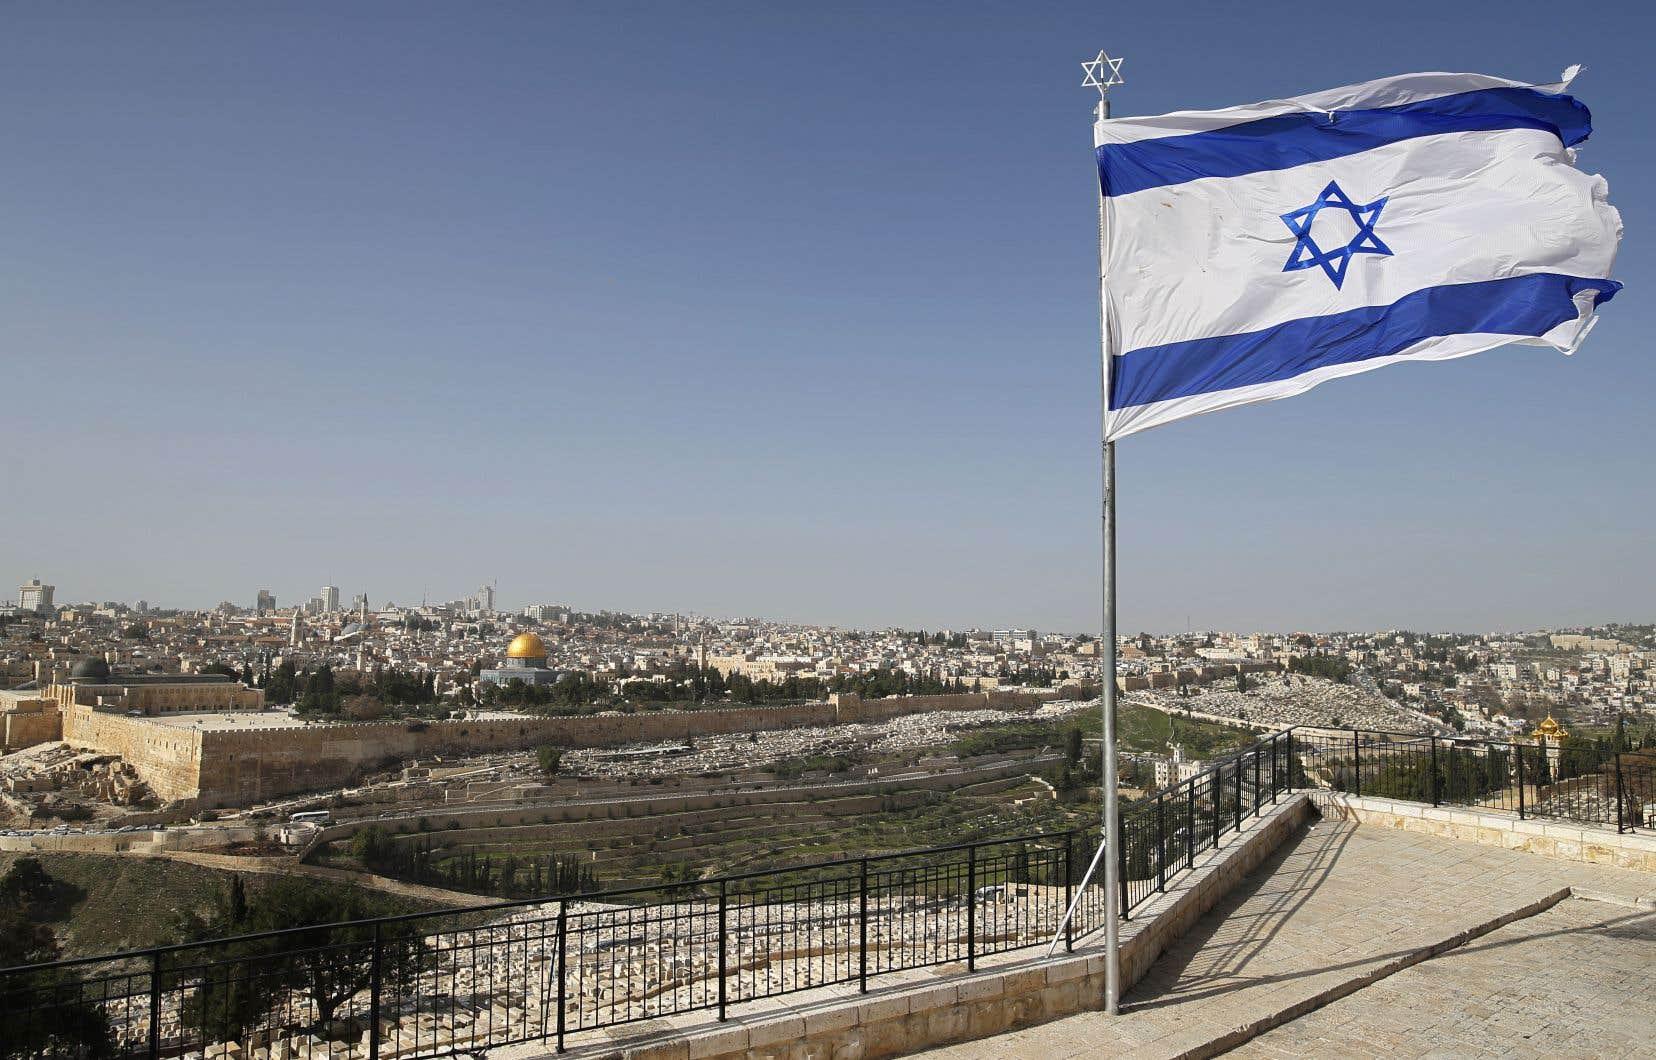 Le chef conservateur Andrew Scheer rompt avec la tradition canadienne en disant qu'il reconnaîtra Jérusalem comme capitale d'Israël si son parti l'emporte aux prochaines élections.